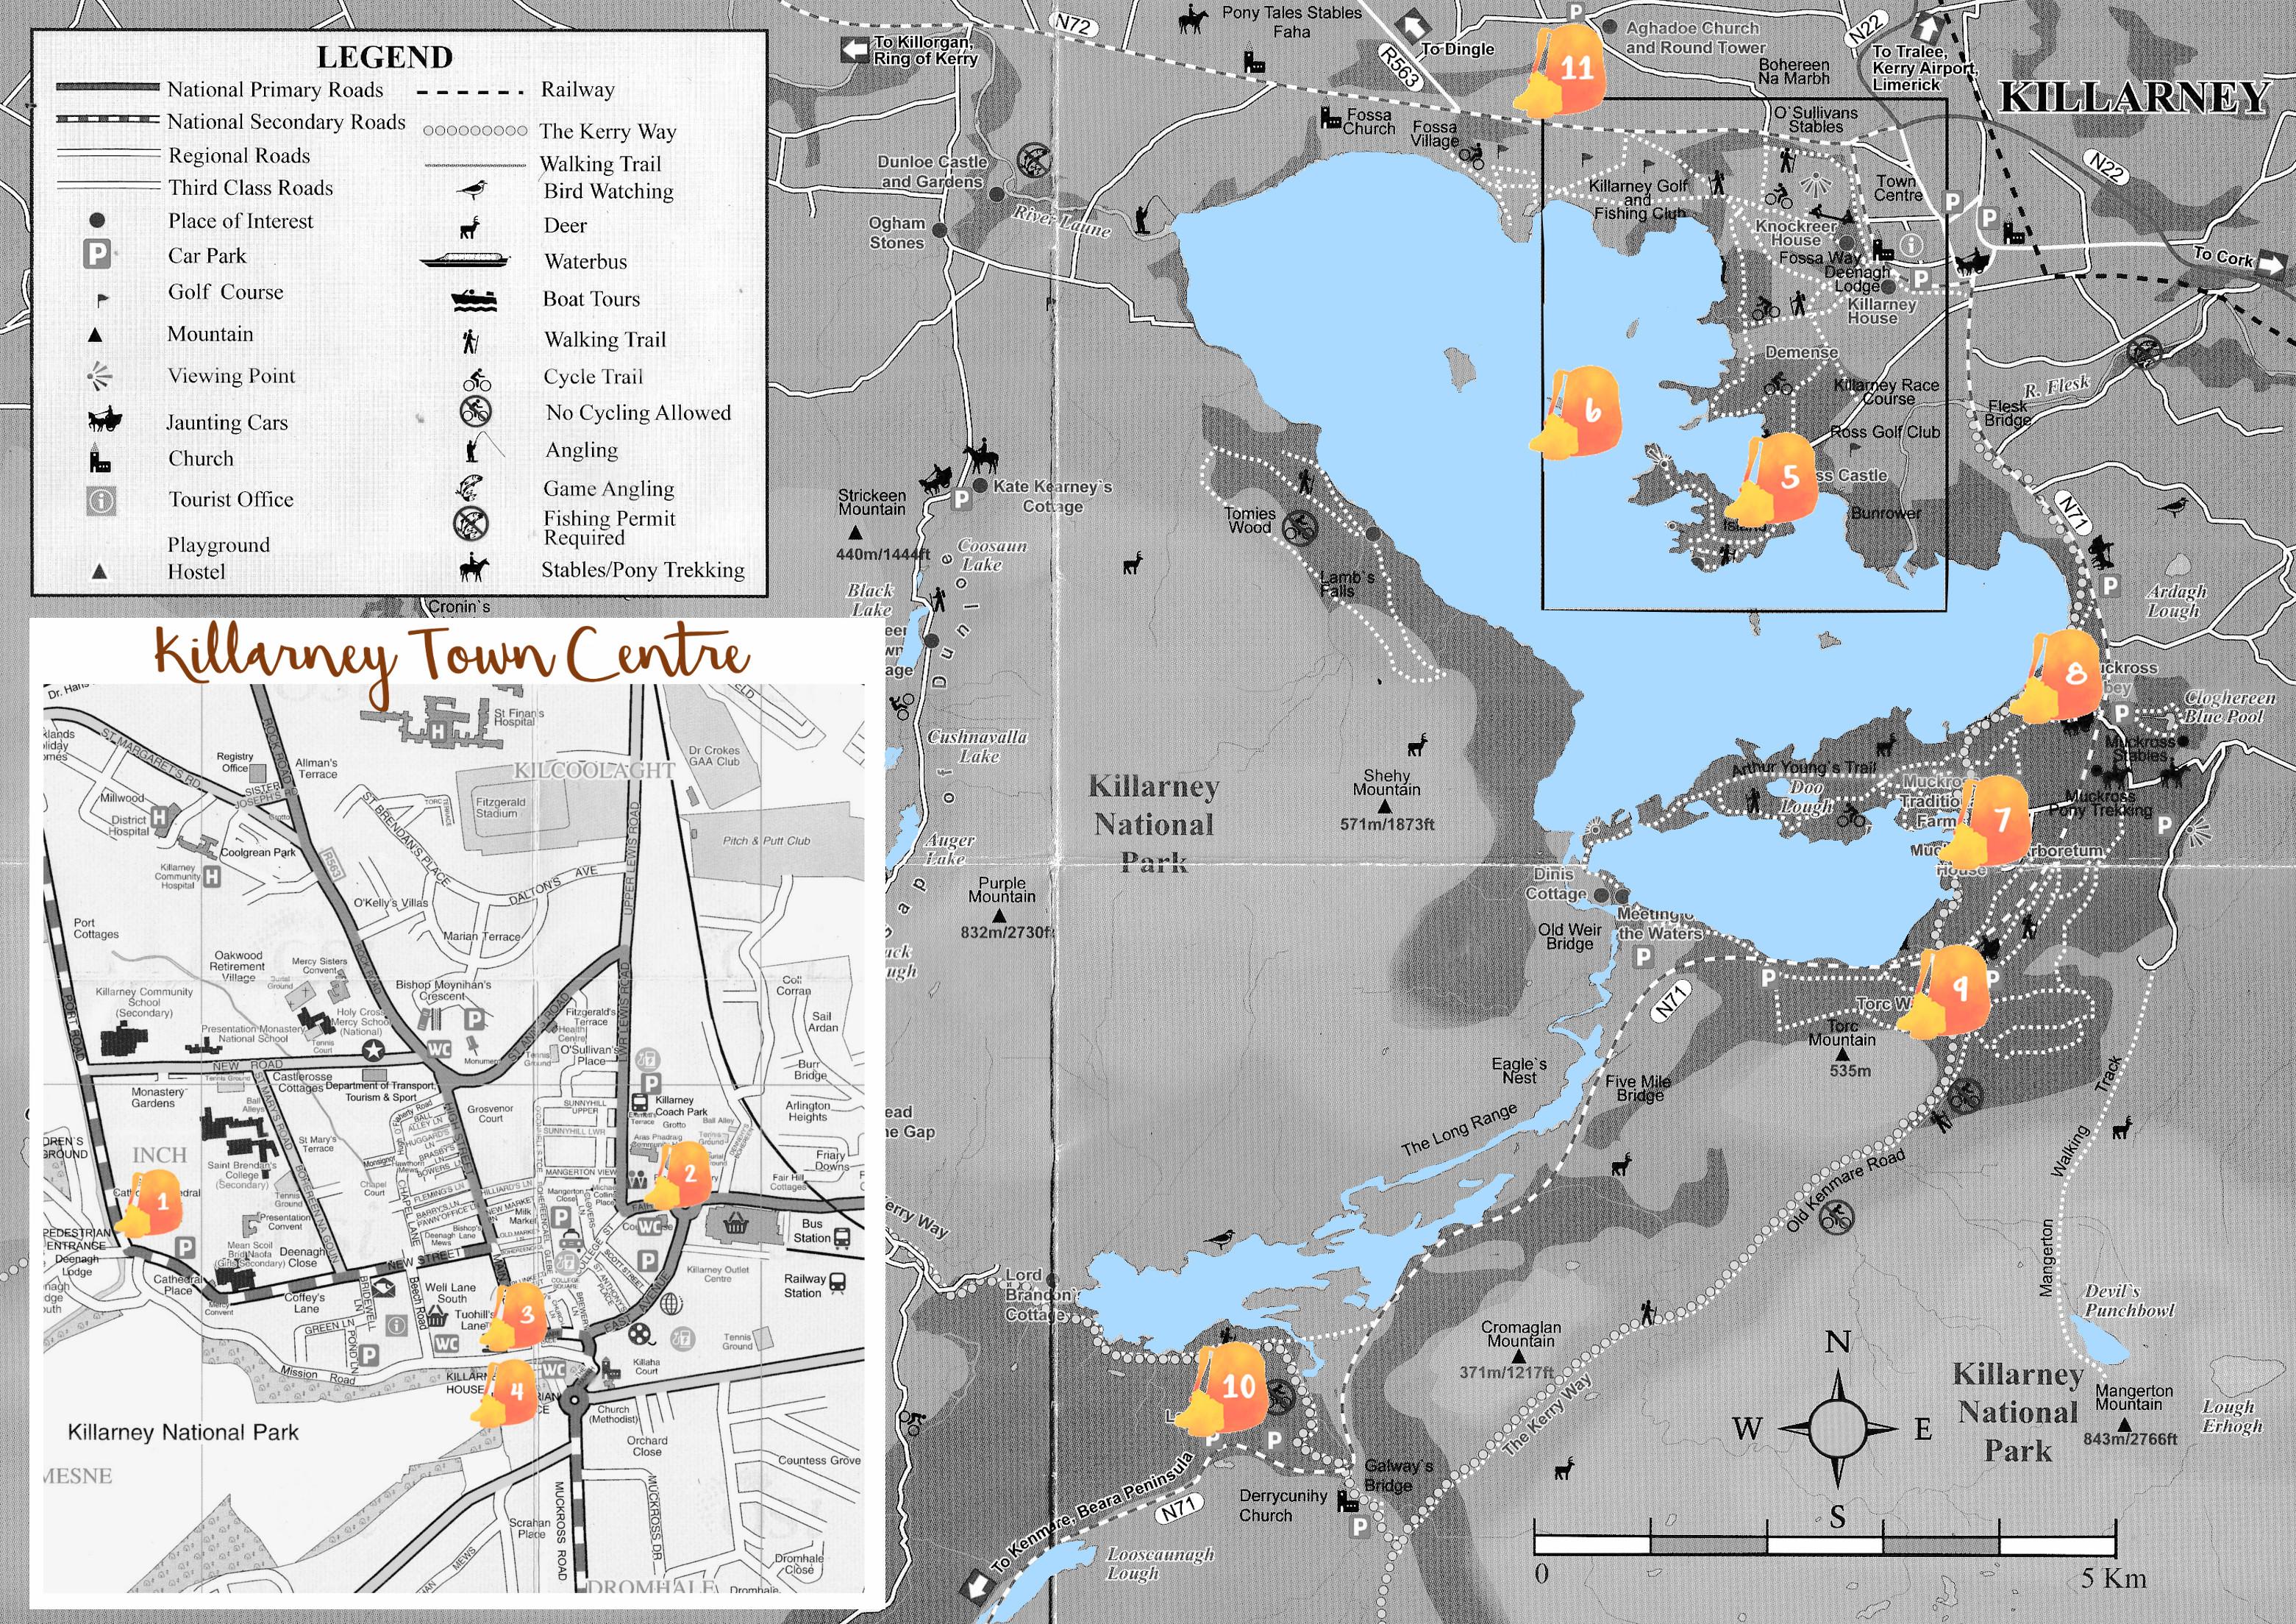 Mapa de Killarney con los puntos señalados